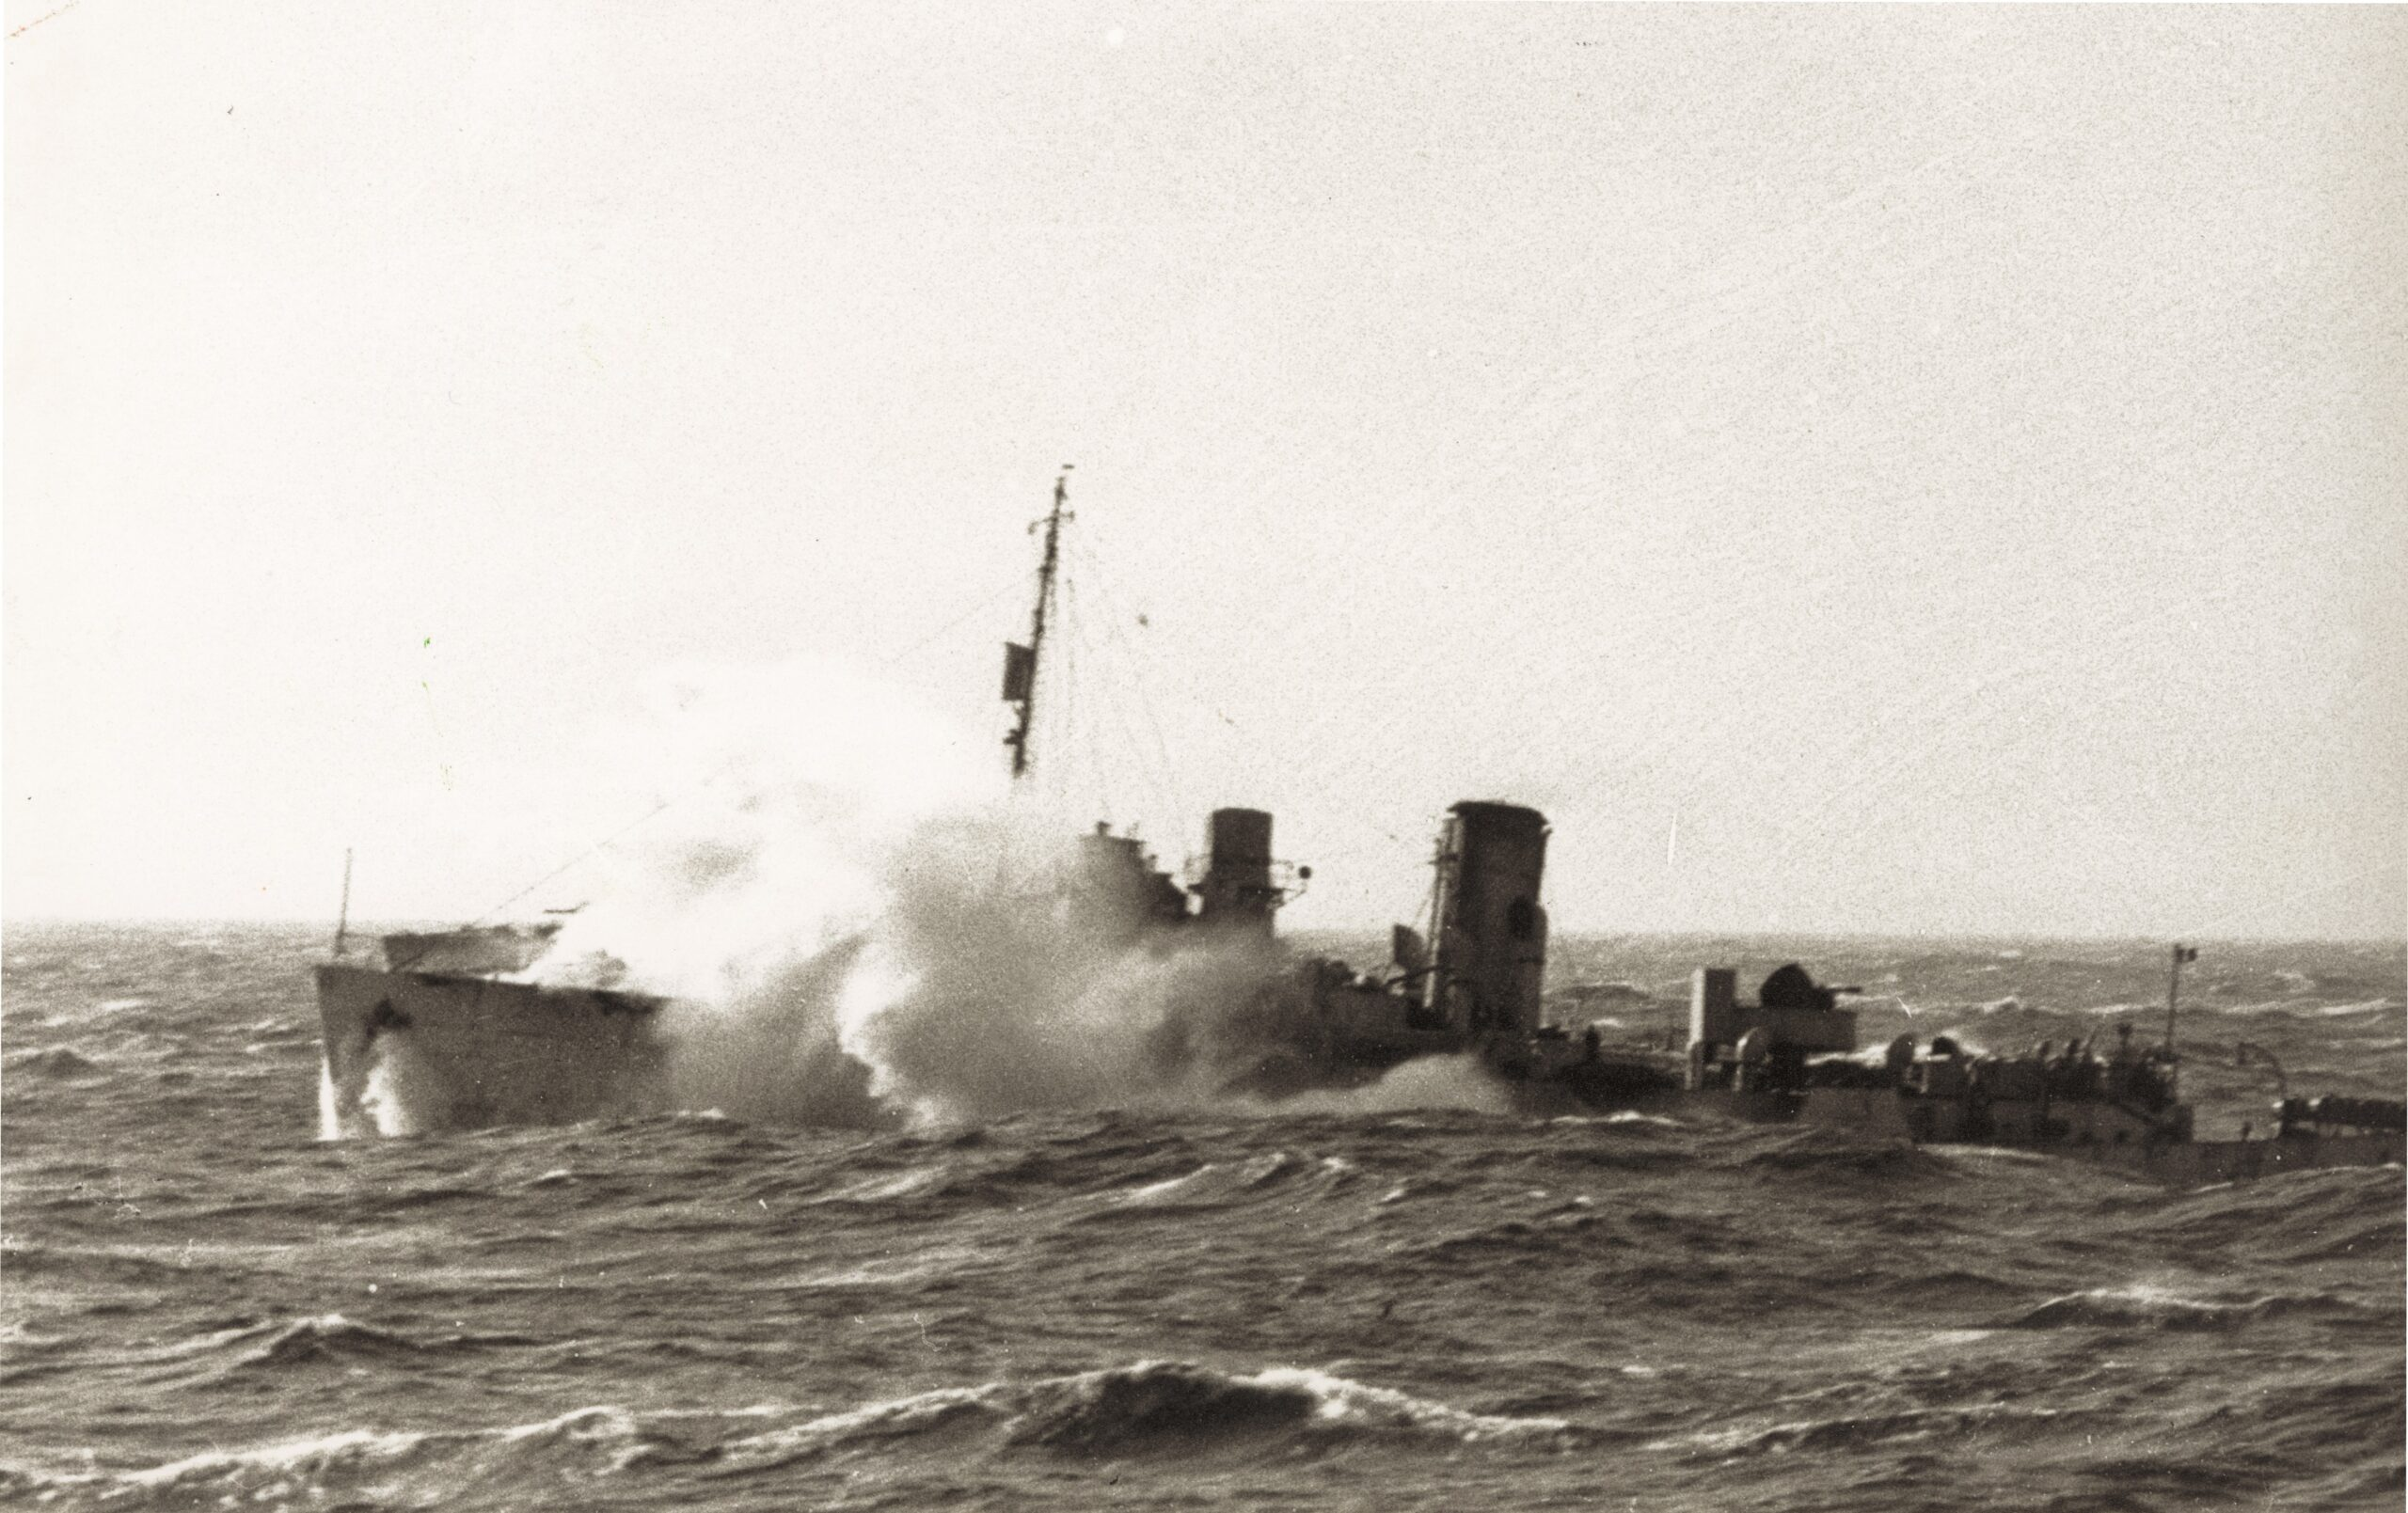 Les corvettes de la France Libre dans la bataille de l'Atlantique